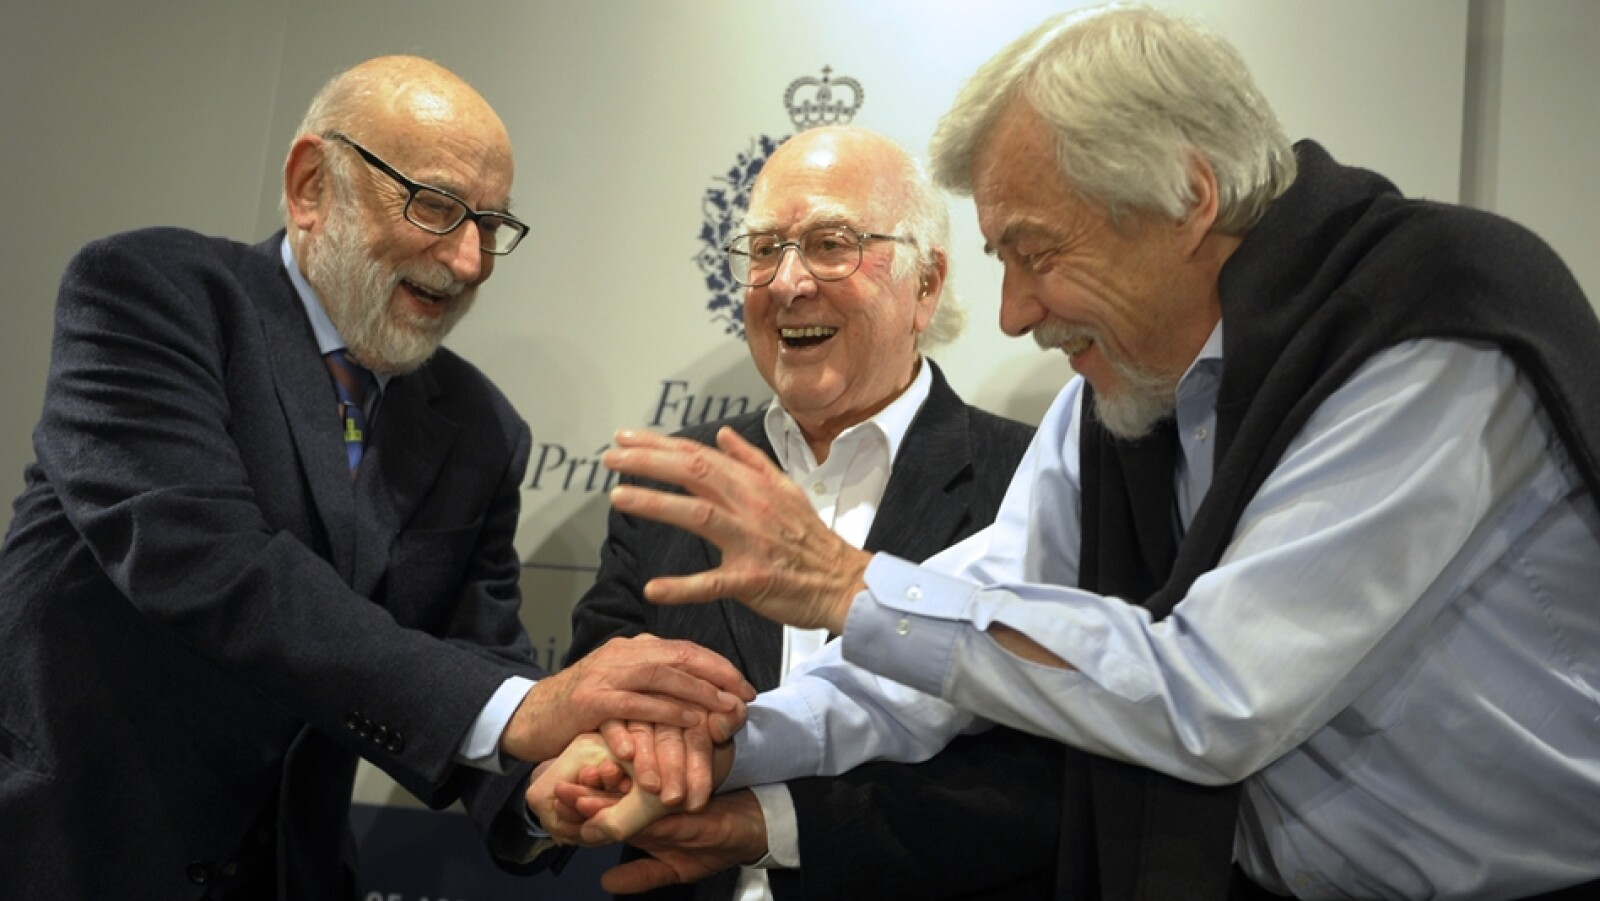 François Englert  Peter Higgs Rolf Heuer director CERN